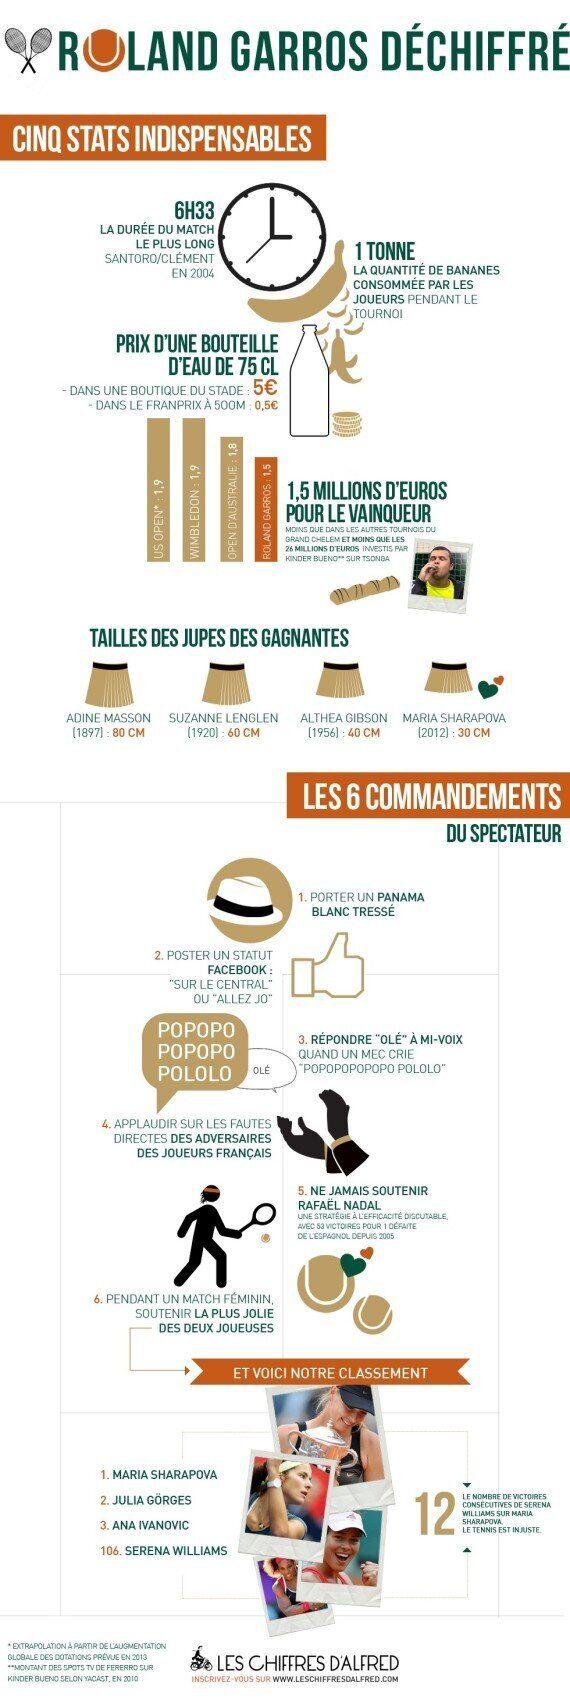 Roland-Garros: les chiffres insolites en un coup d'oeil